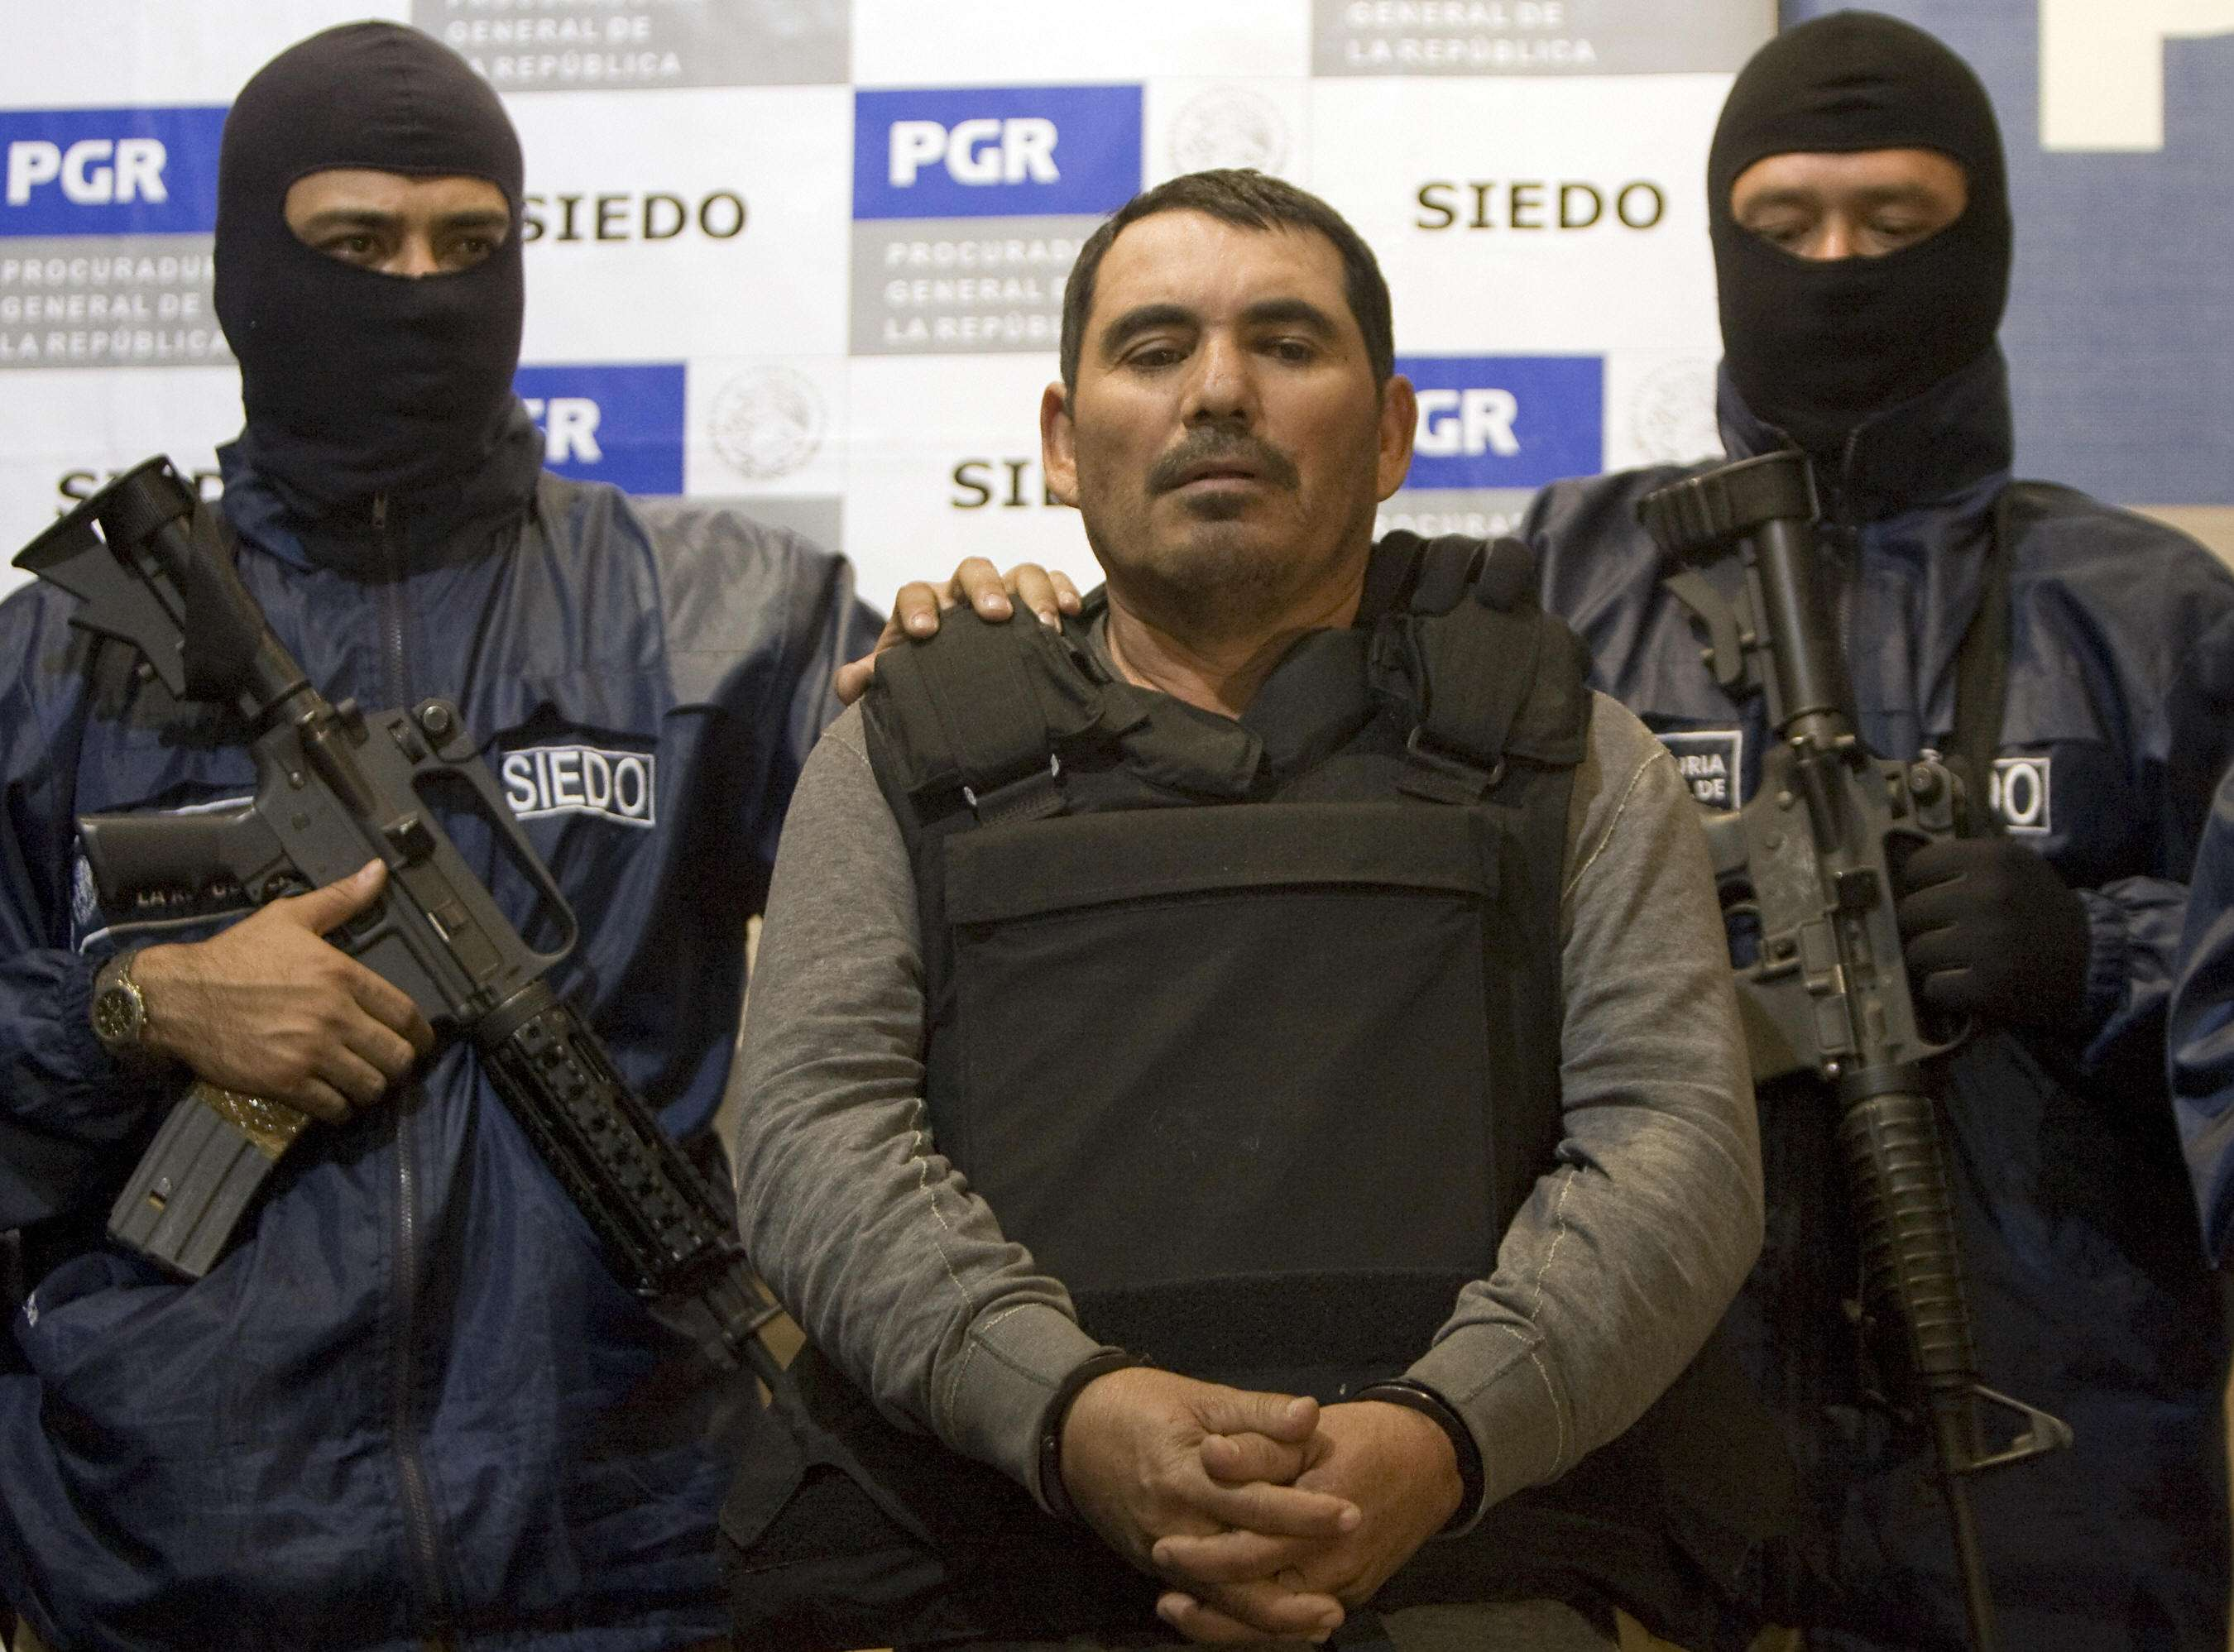 México: el hombre que disolvió en ácido a 300 personas